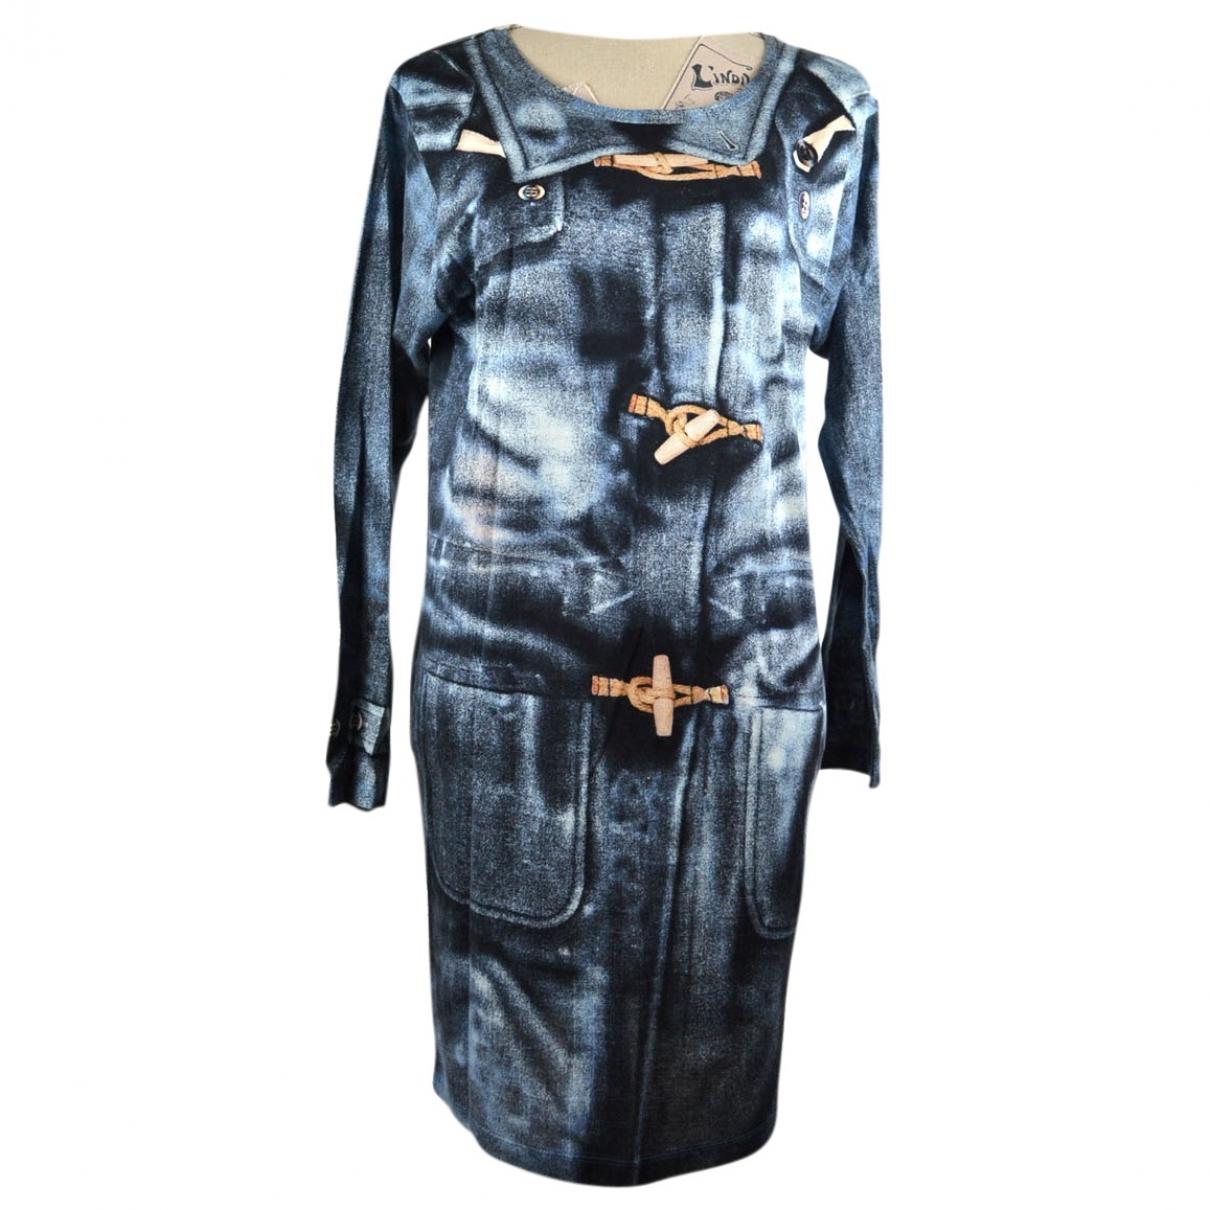 Paul Smith \N Kleid in  Bunt Baumwolle